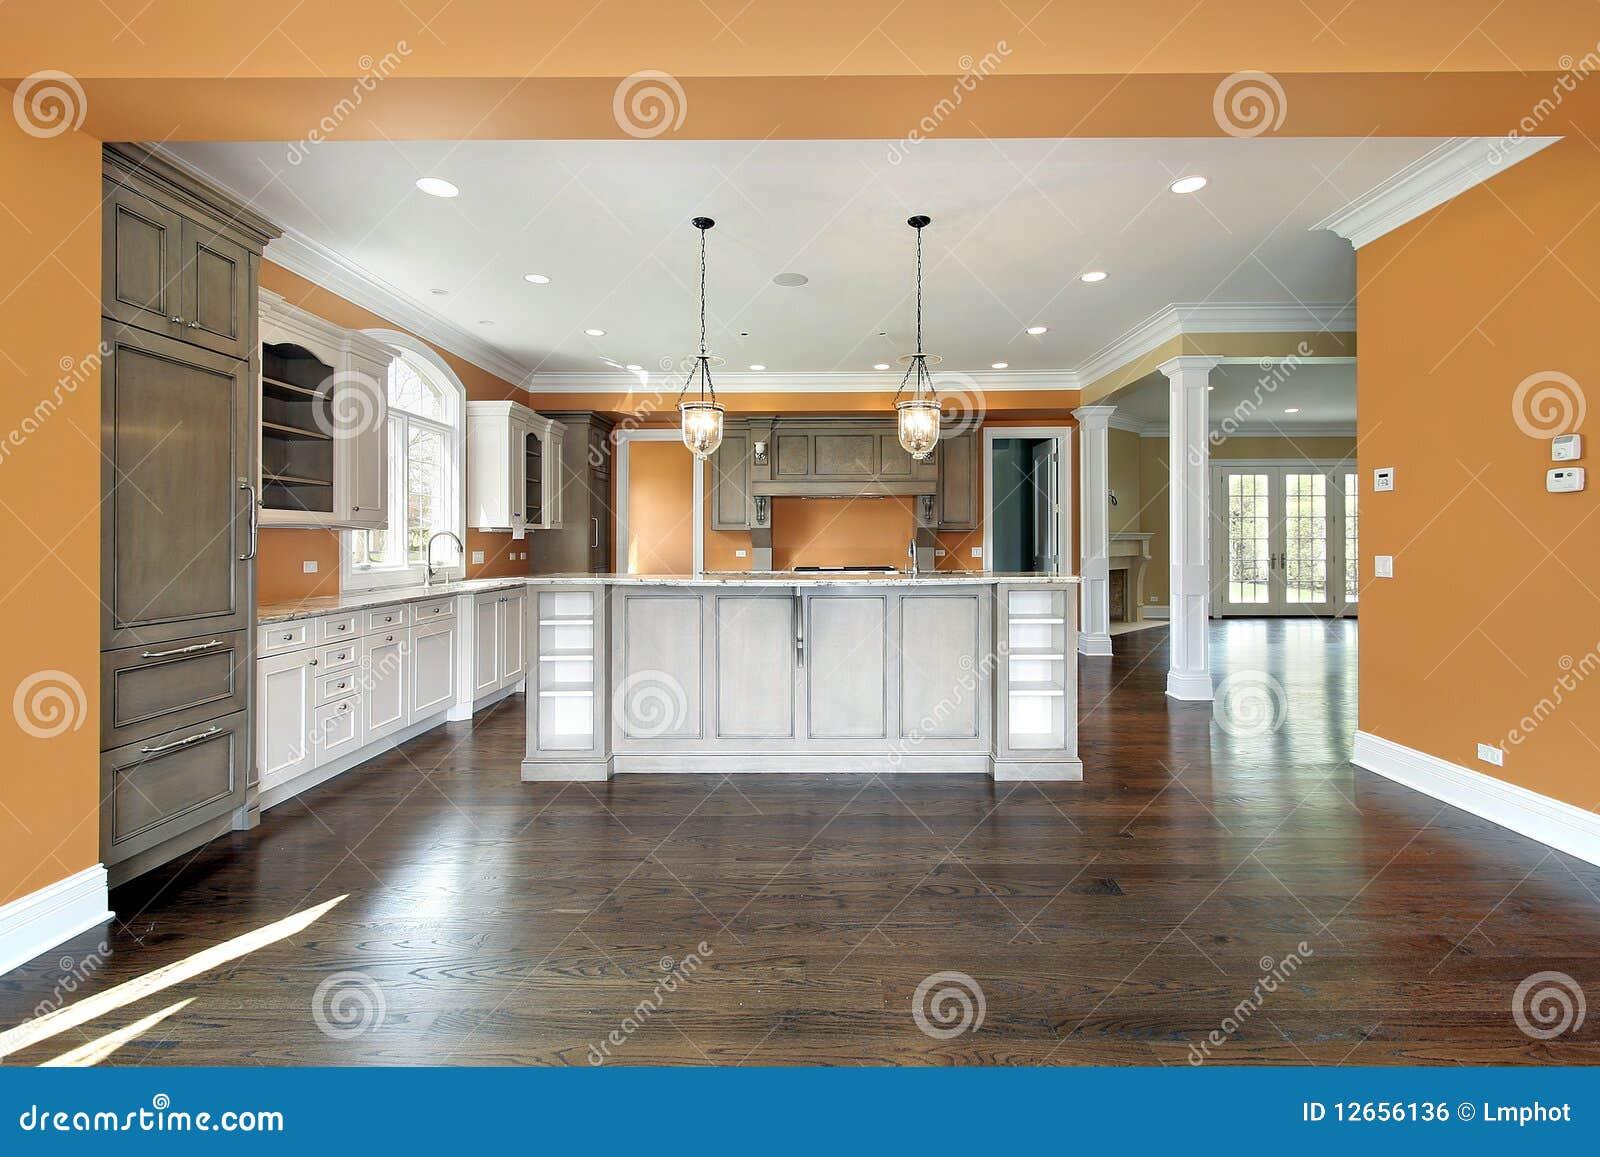 Keuken met oranje muren royalty vrije stock afbeelding ...